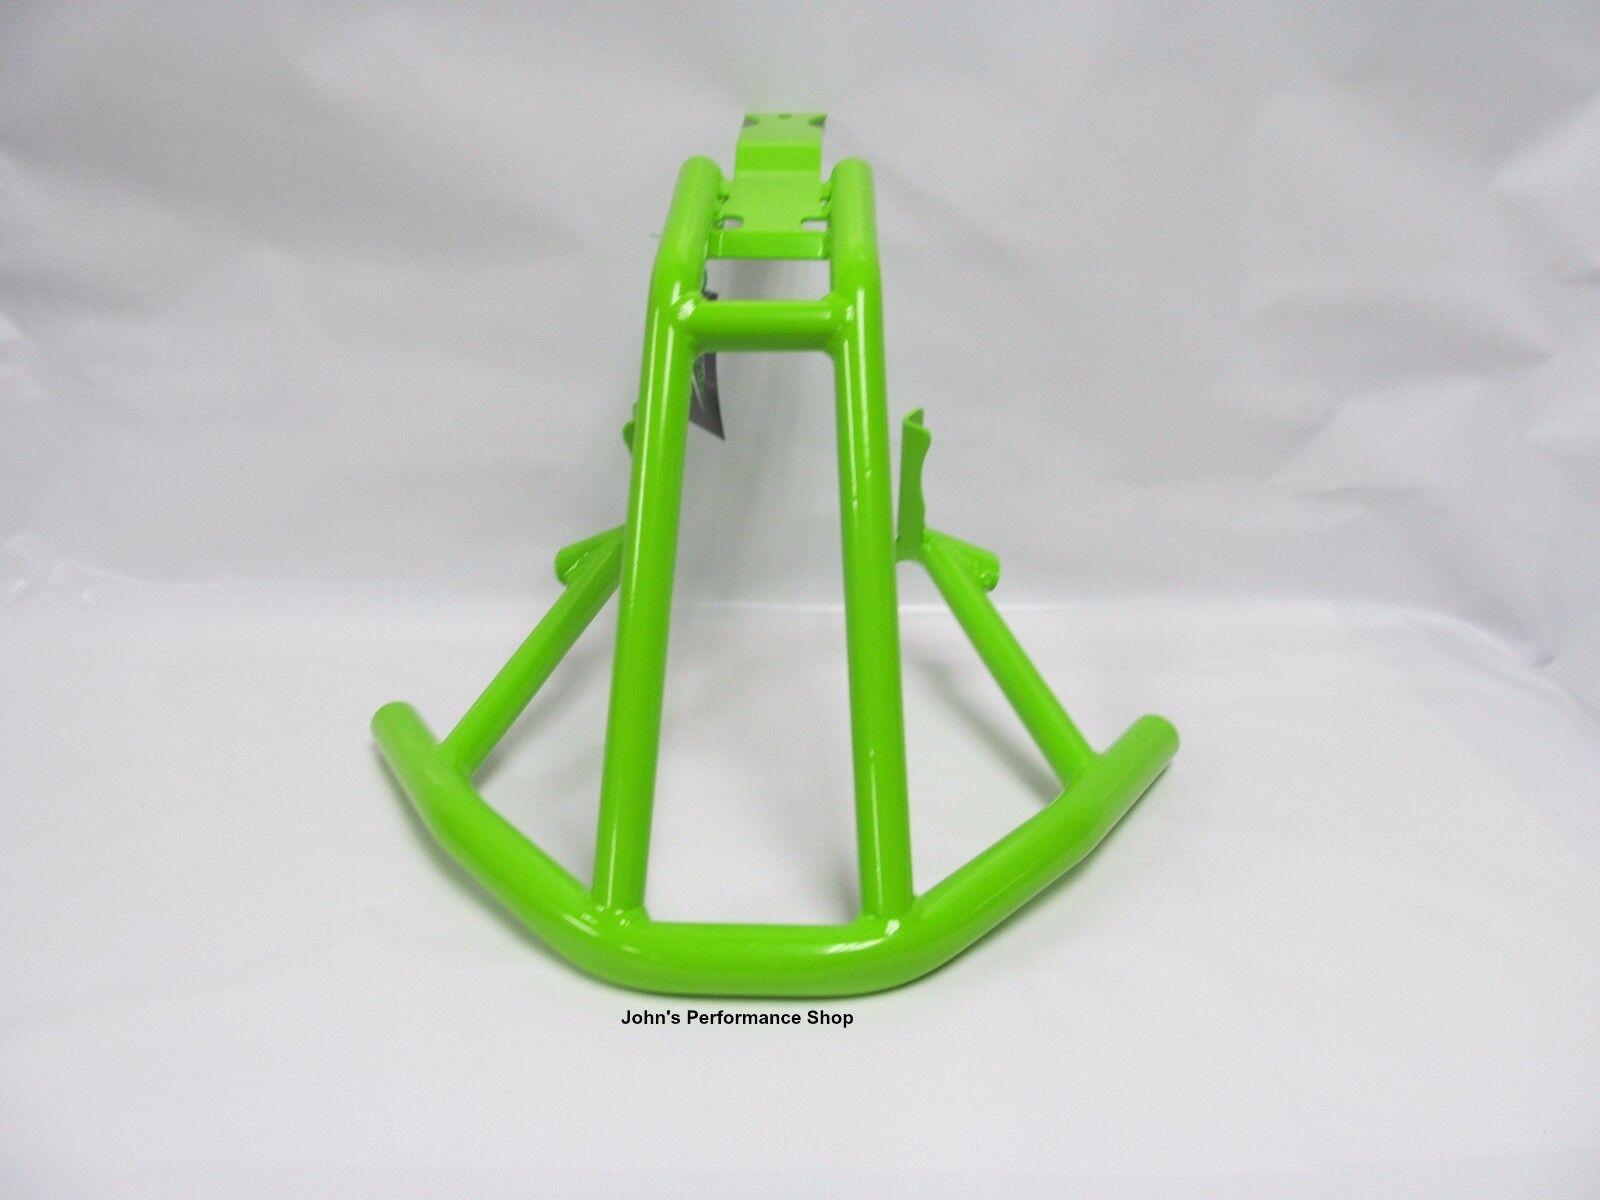 Arctic Cat Medium Green Proclimb Bumper See Listing for Fitment 7639-314